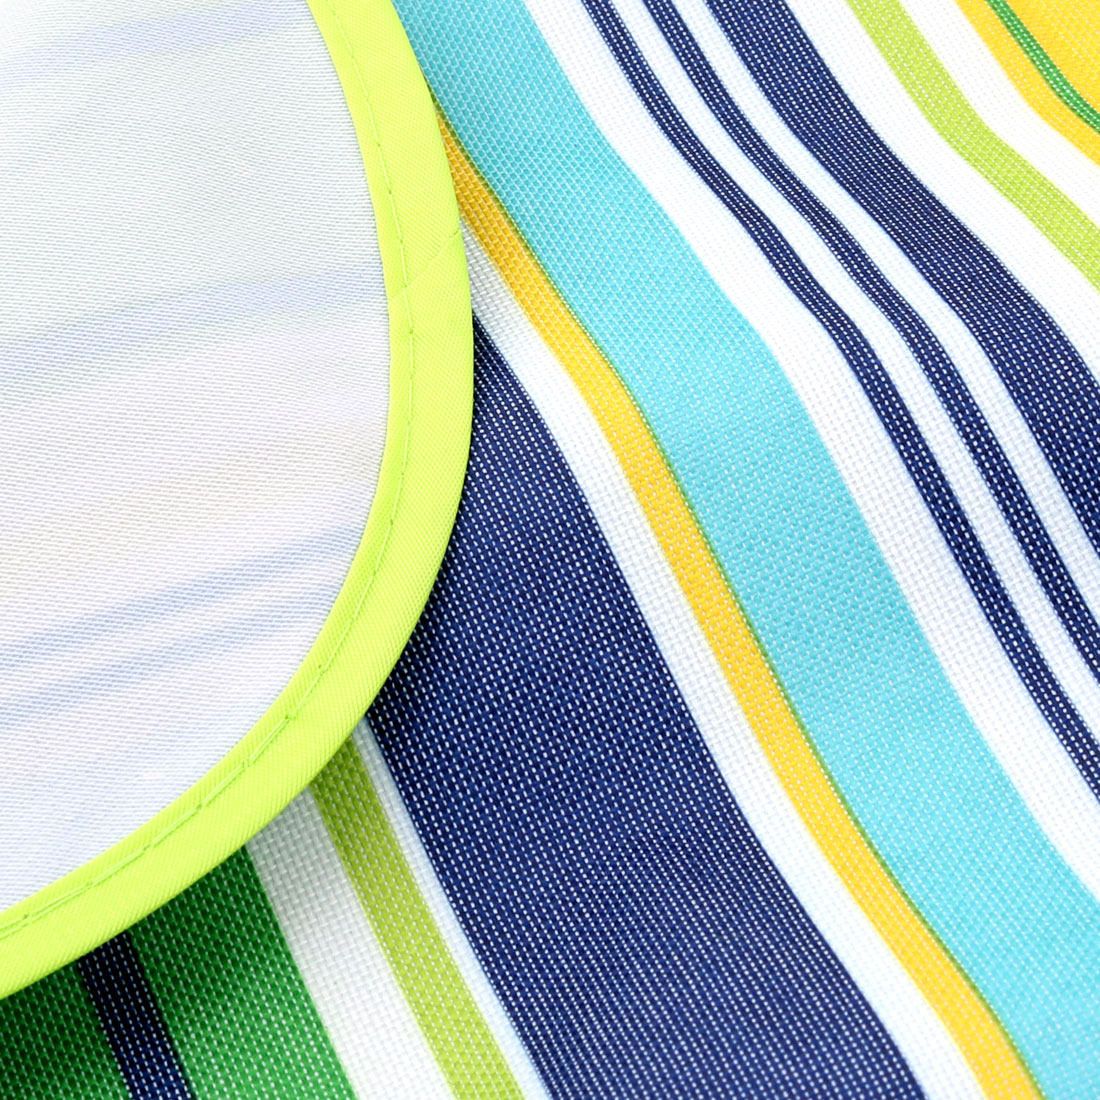 Hiking Nylon Stripe Pattern Moisture Resistant Picnic Mat Lawn Green 145 x 180cm - image 2 de 6